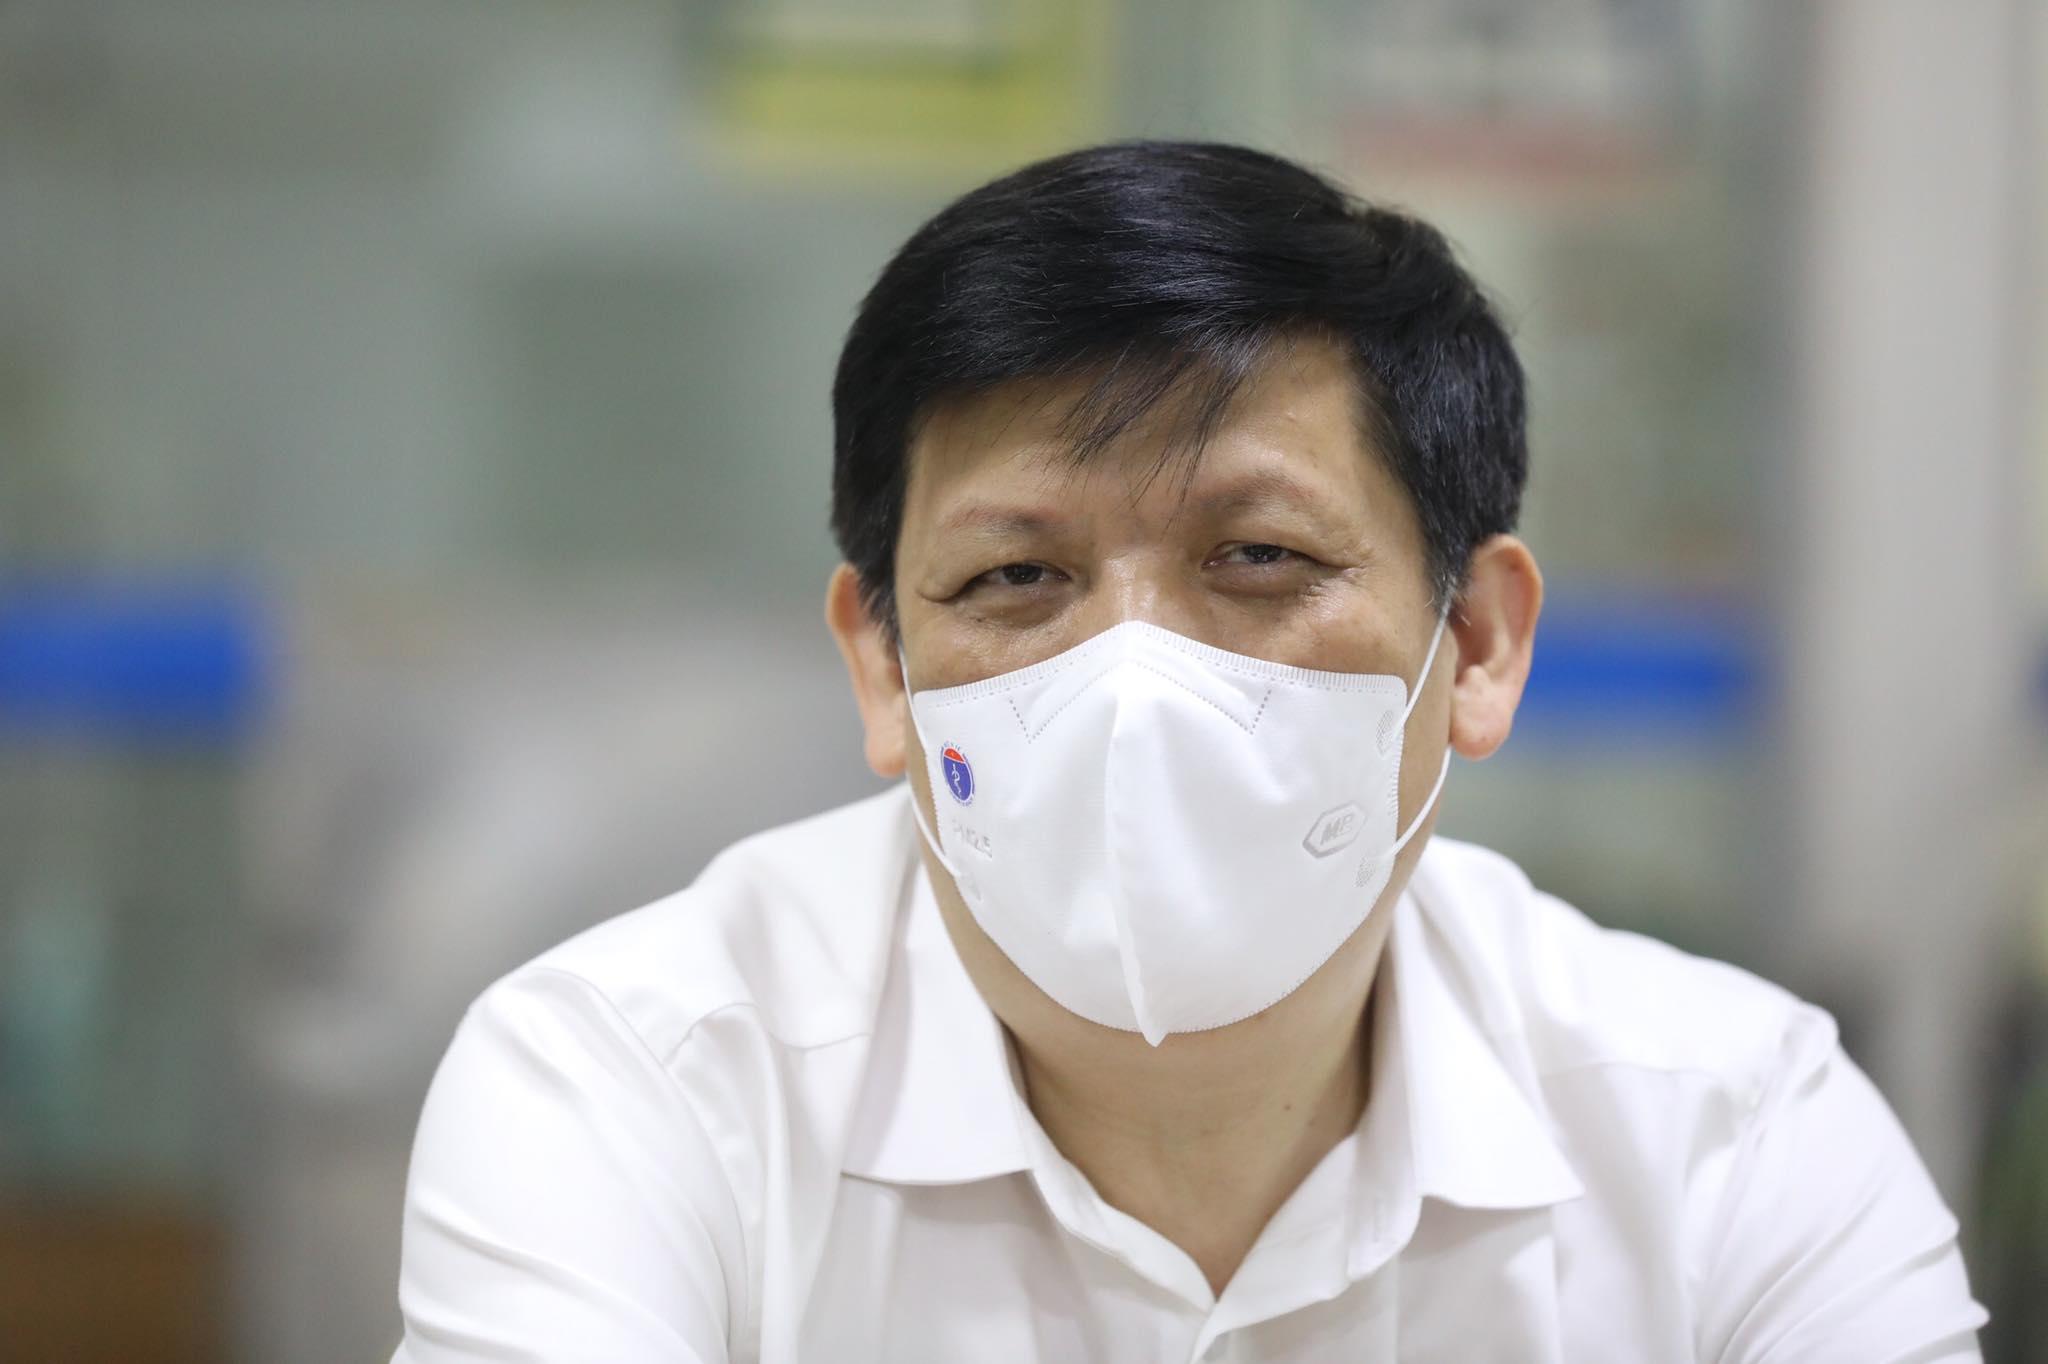 Bộ trưởng Y tế Nguyễn Thanh Long. Ảnh: Ngọc Thành.